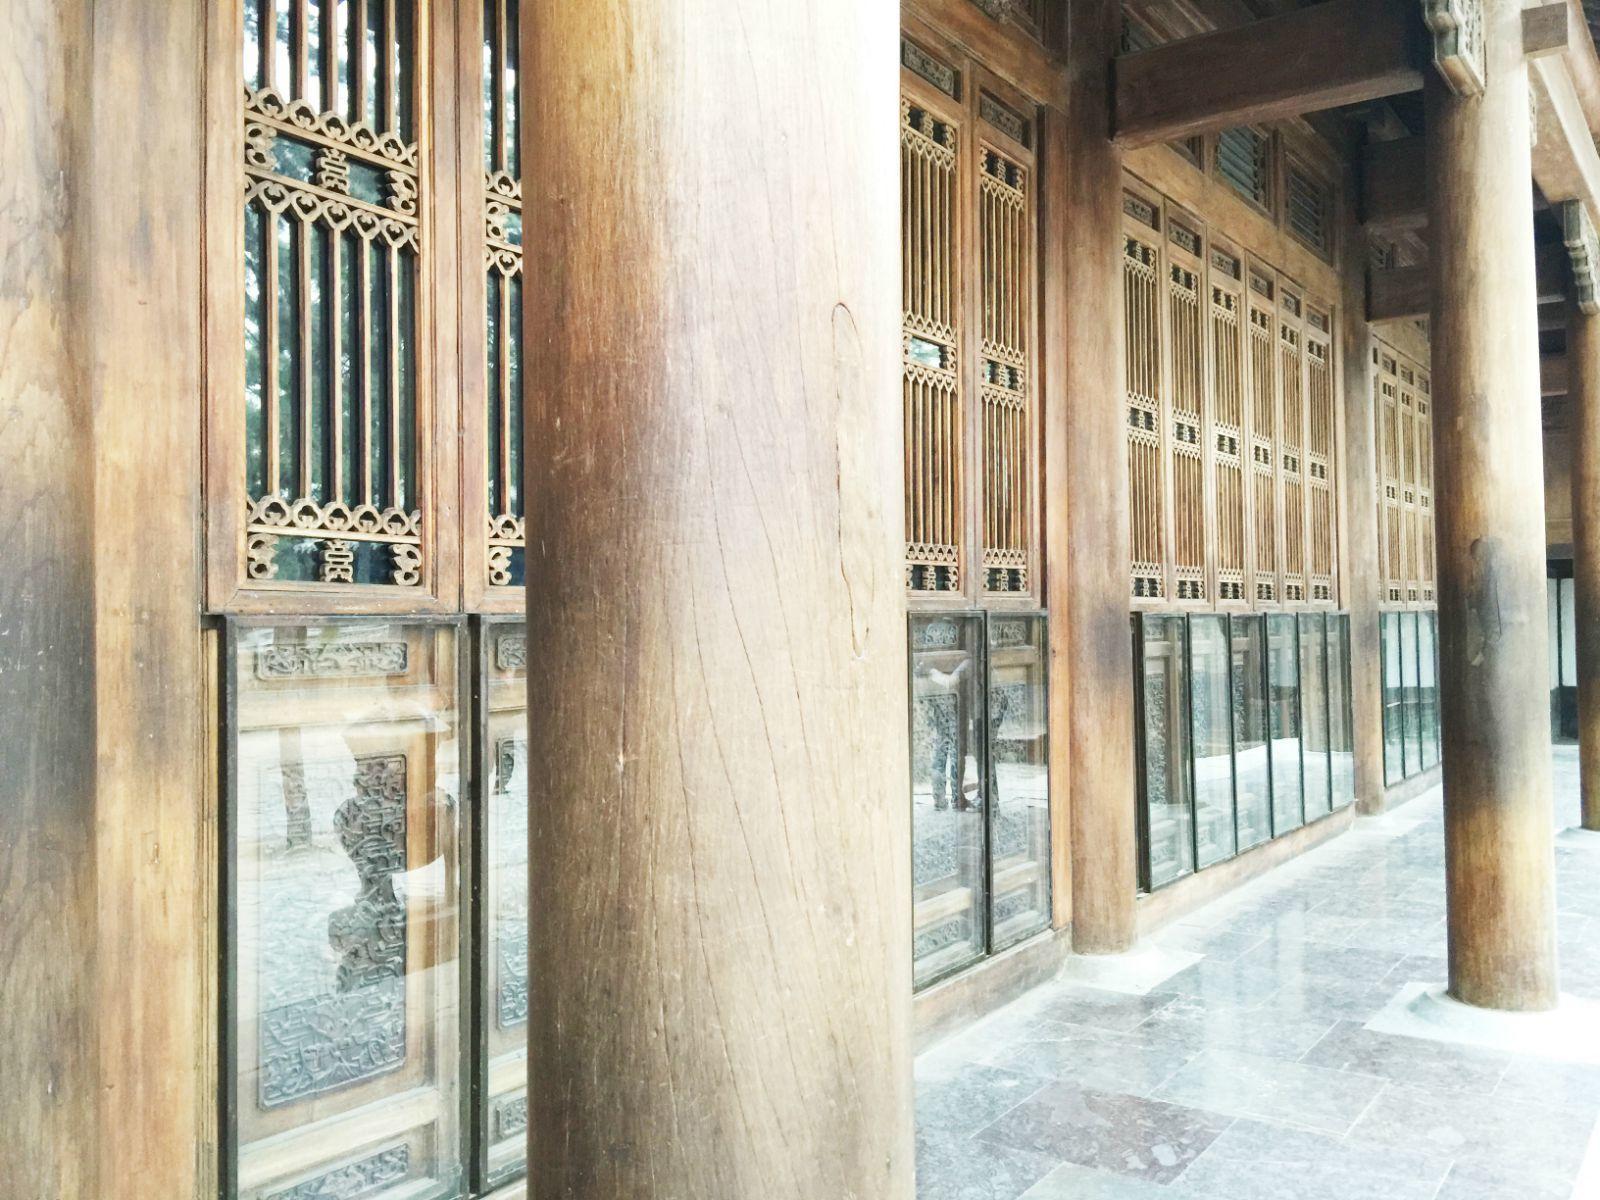 全部由金丝楠木建造,是山庄内唯一的金丝楠木宫殿.